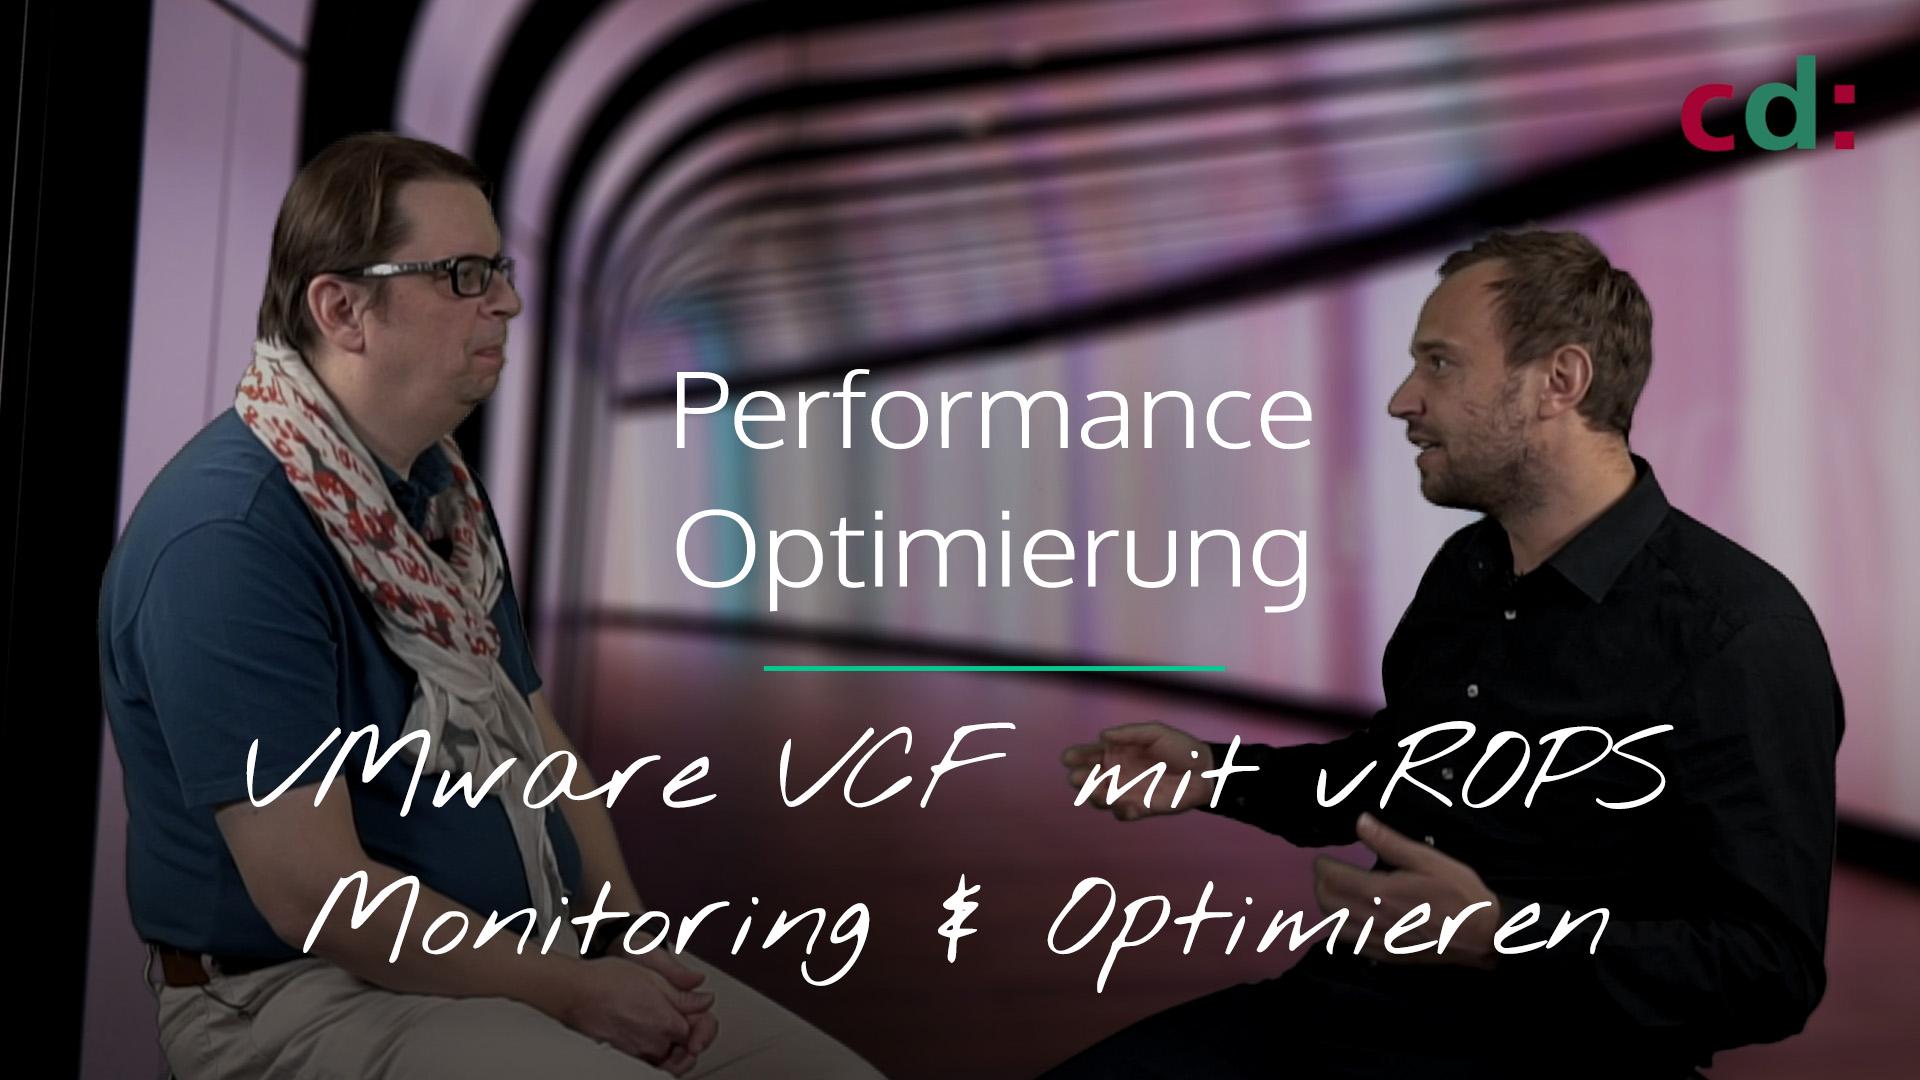 VMware VCF und vROPS - Performance Optimierung